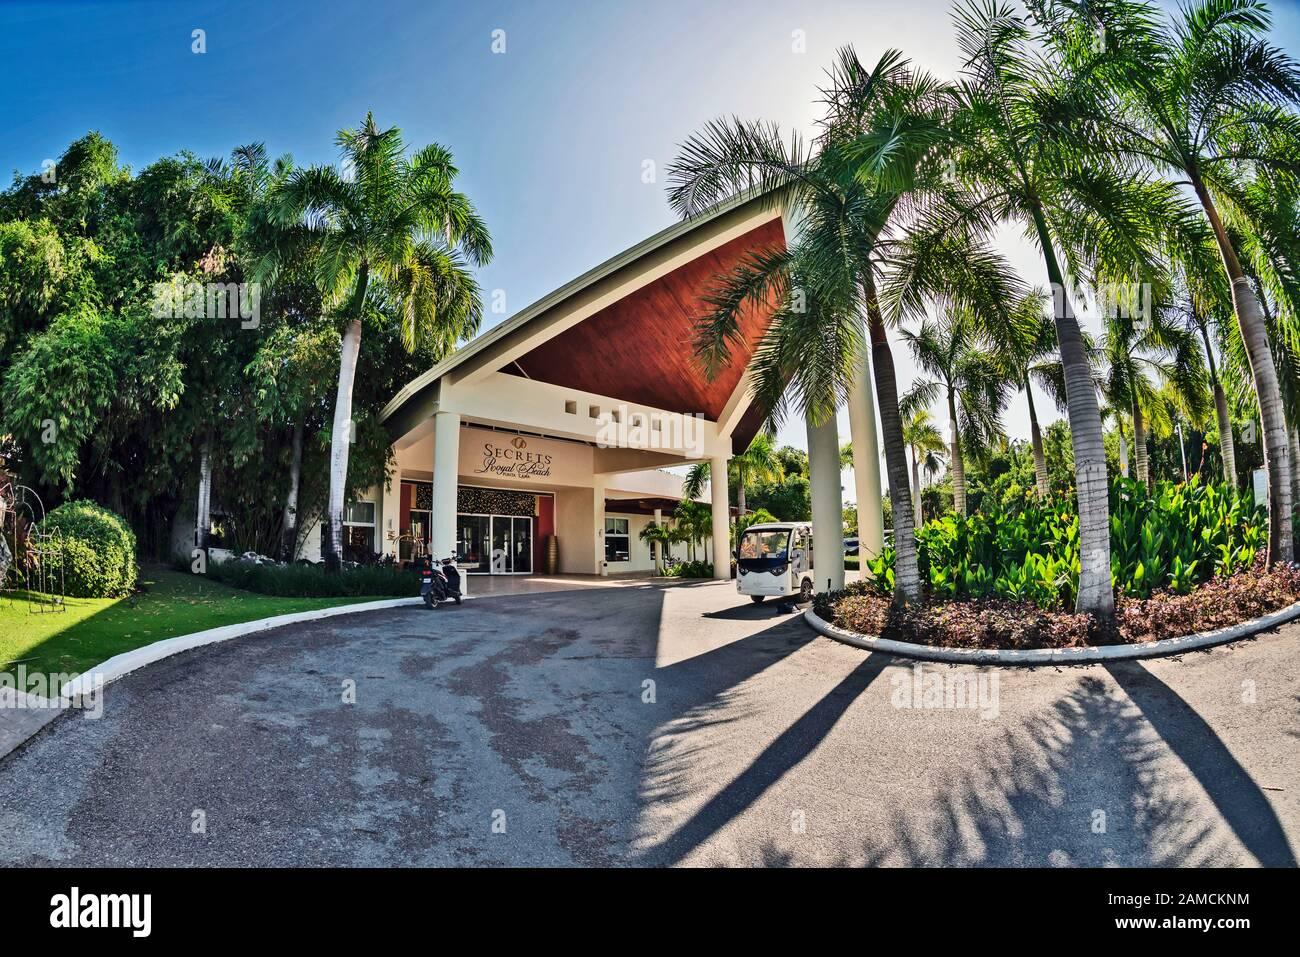 Entrée Principale De Resort Secrets Royal Beach Punta Cana, Punta Cana, République Dominicaine Banque D'Images